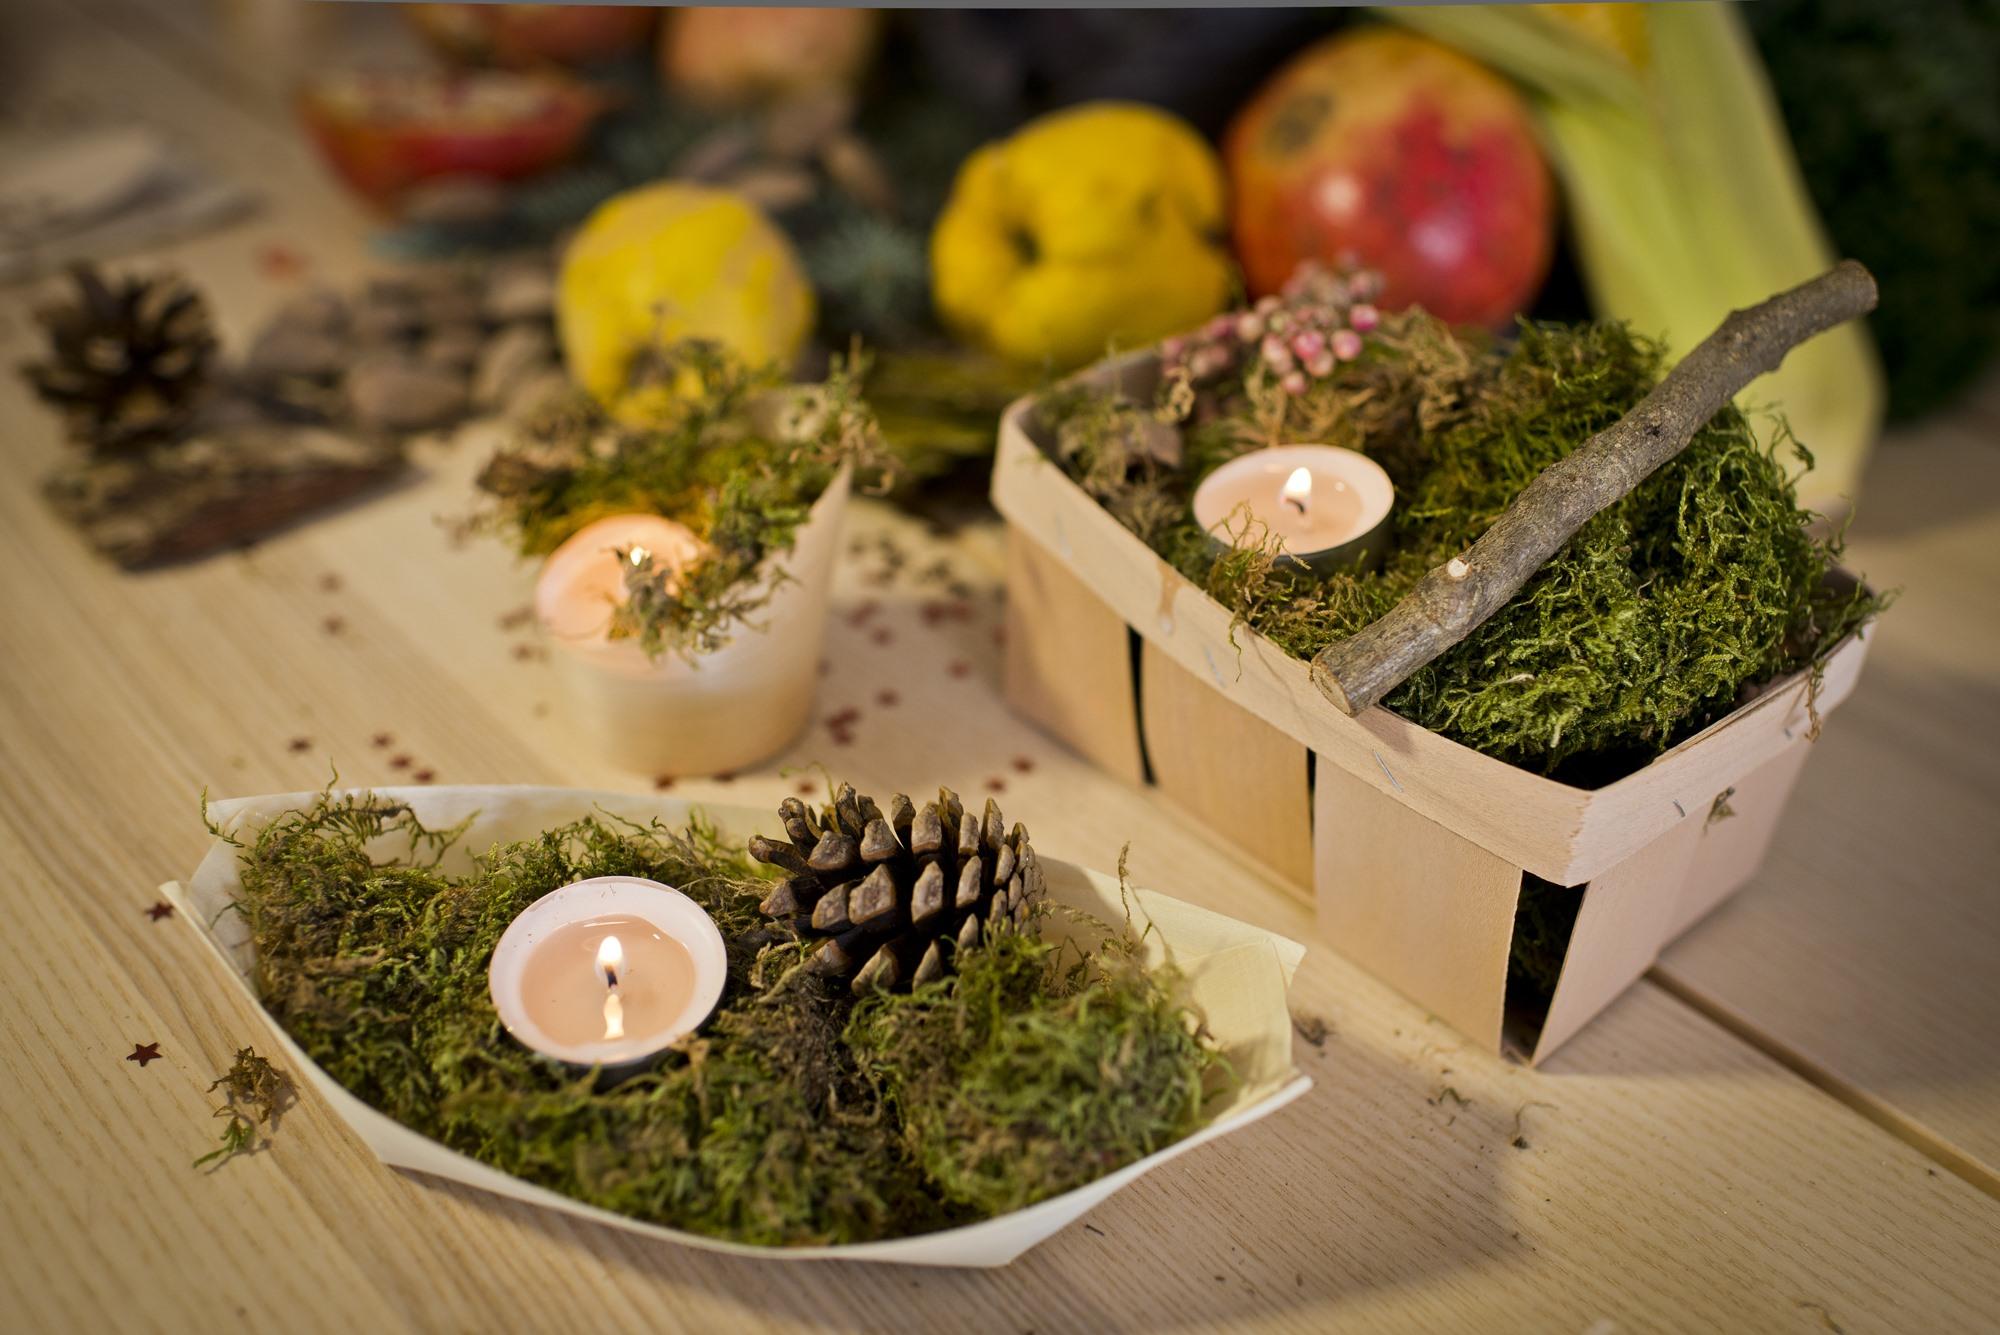 En el parque puedes recoger hojas caídas, trozos de madera o tallos de plantas que servirán para decorar tu mesa.